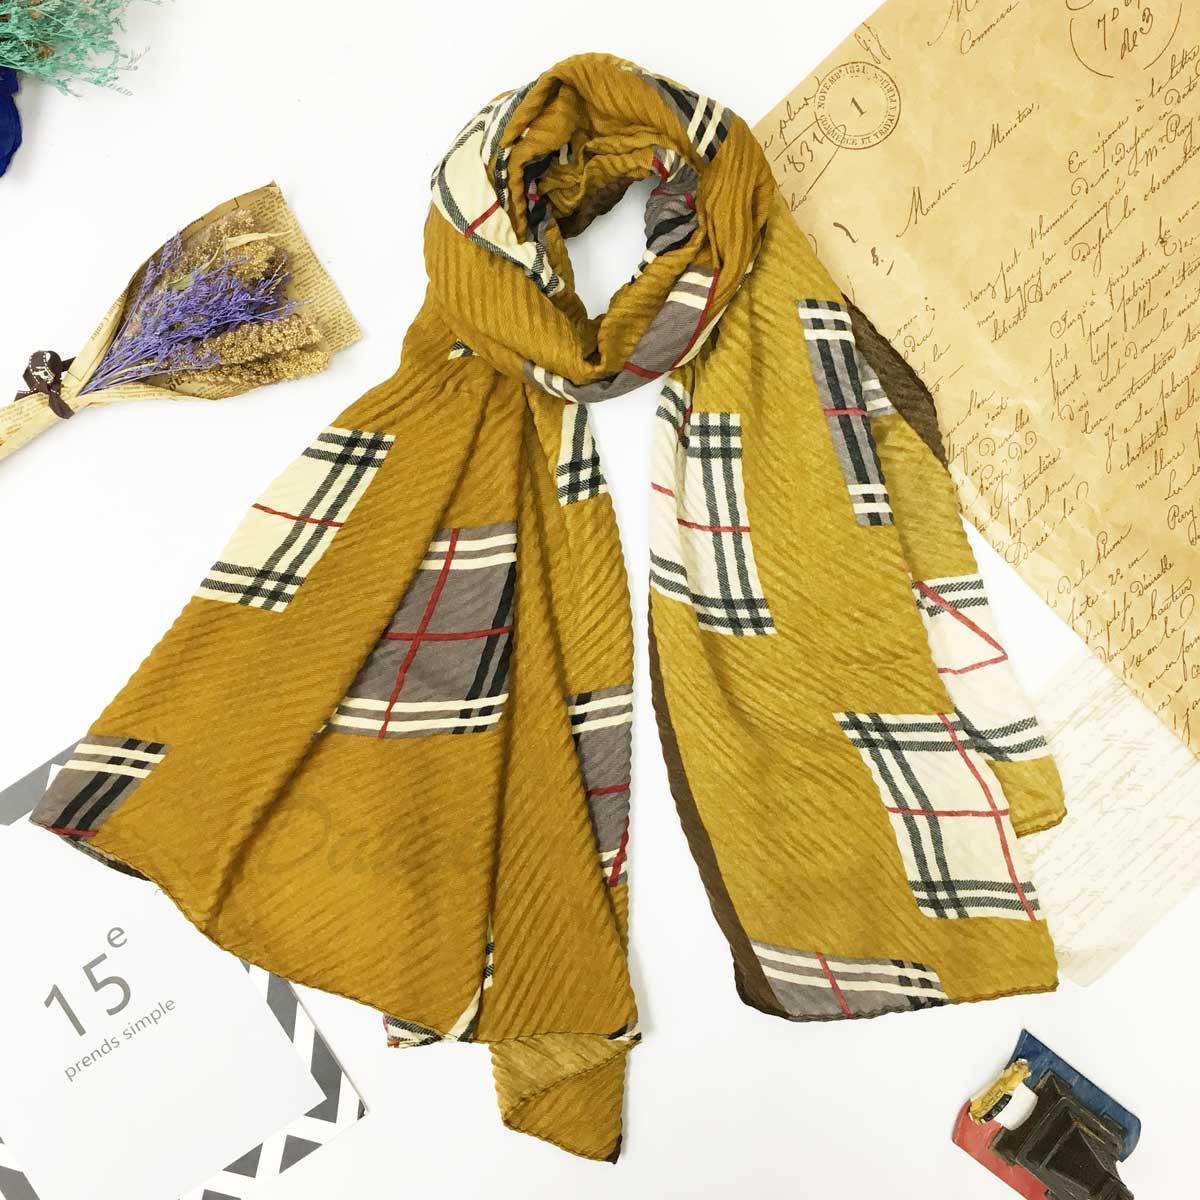 圍巾 格紋 知名品牌 百摺紋路 秋冬款 薄圍巾